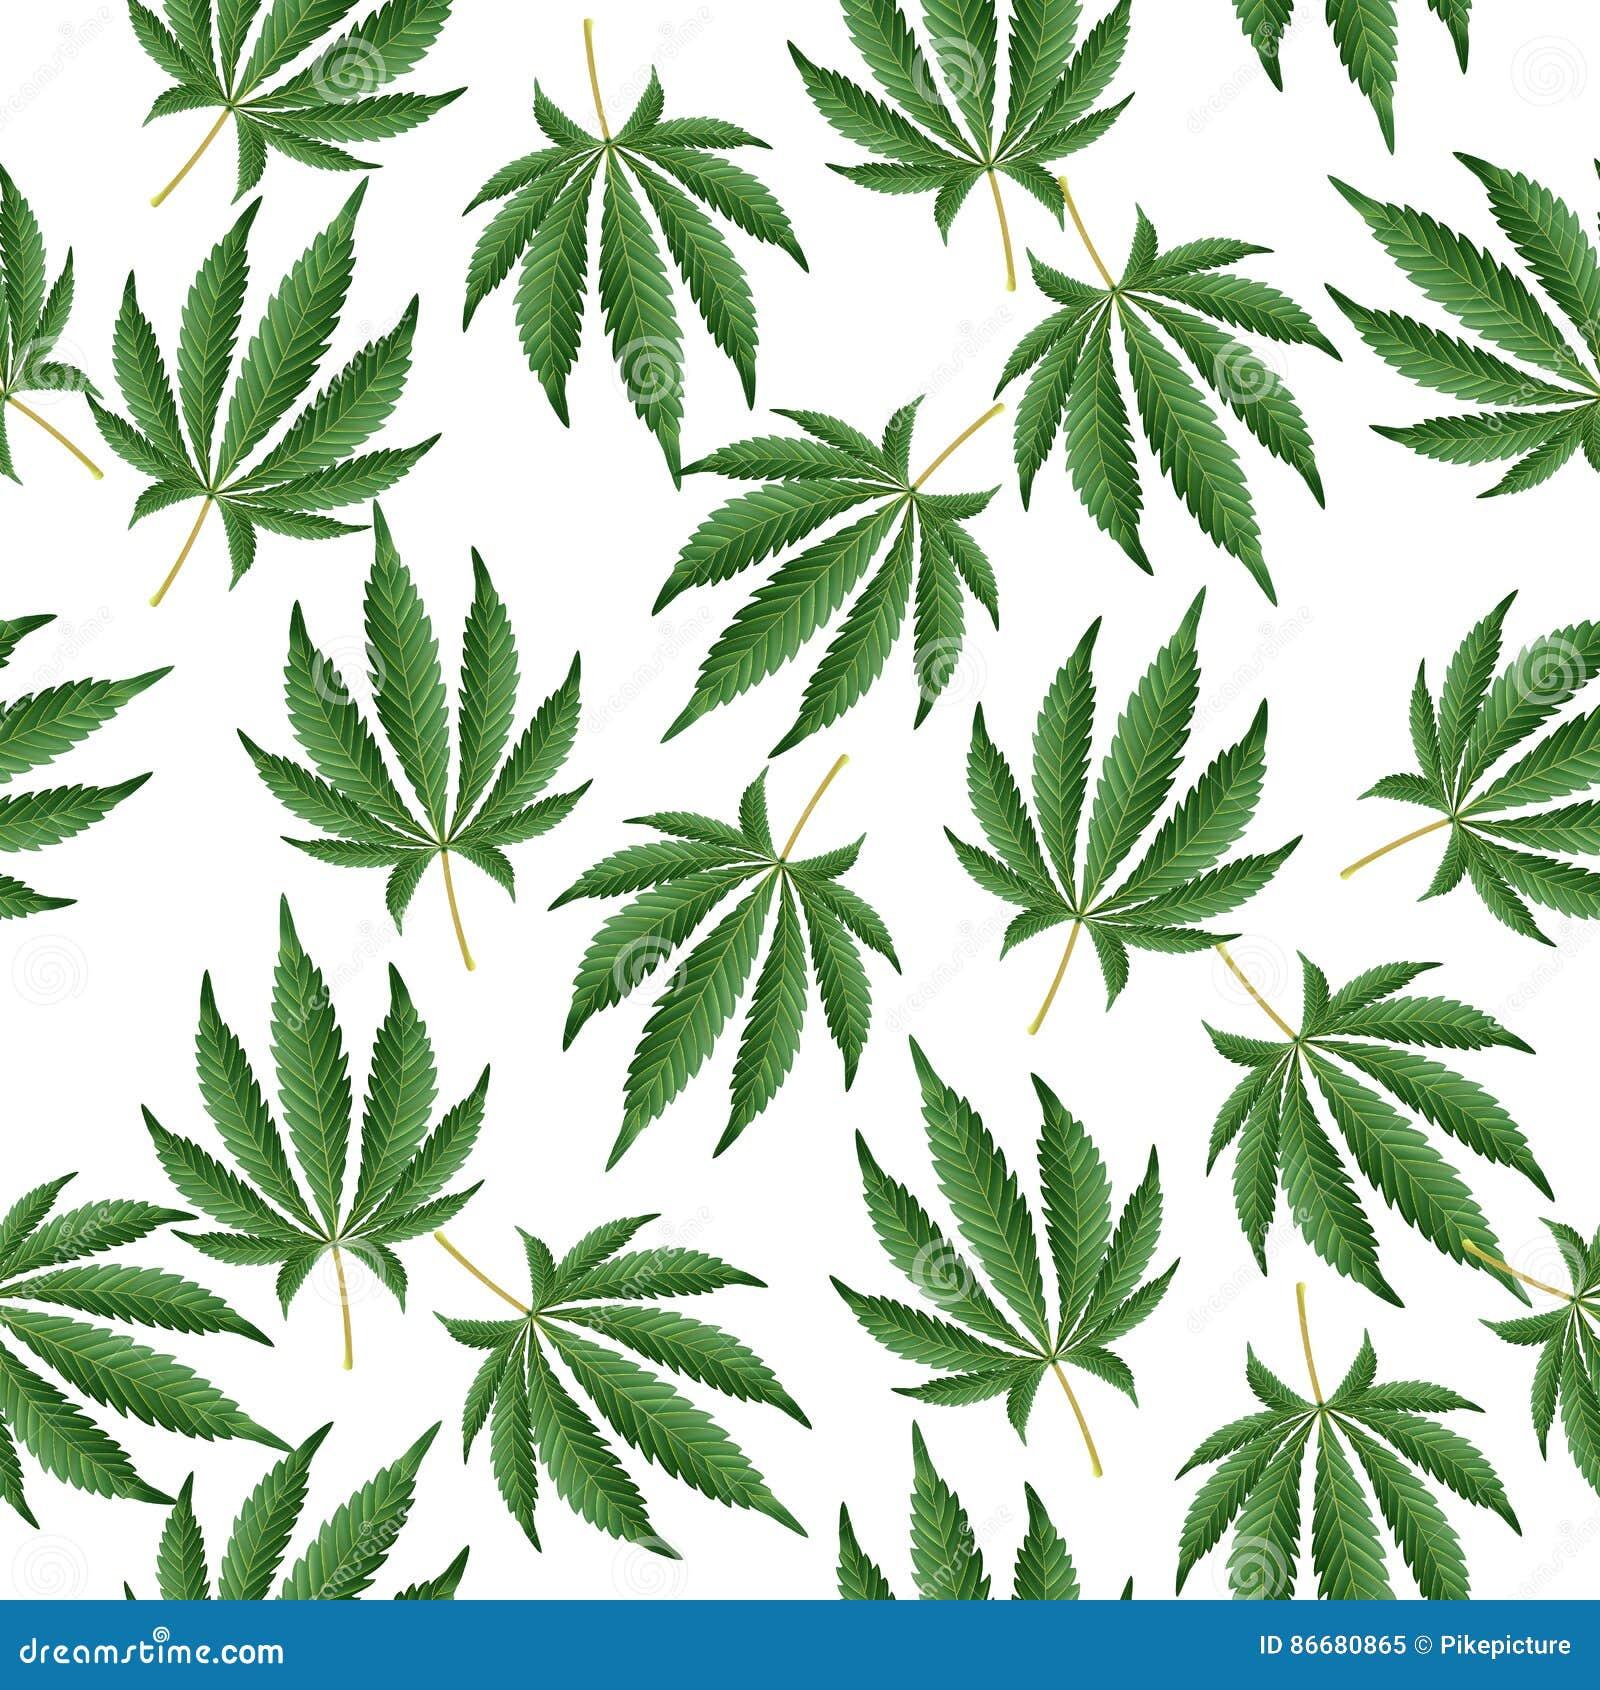 выращивания марихуаны способ гидропоника